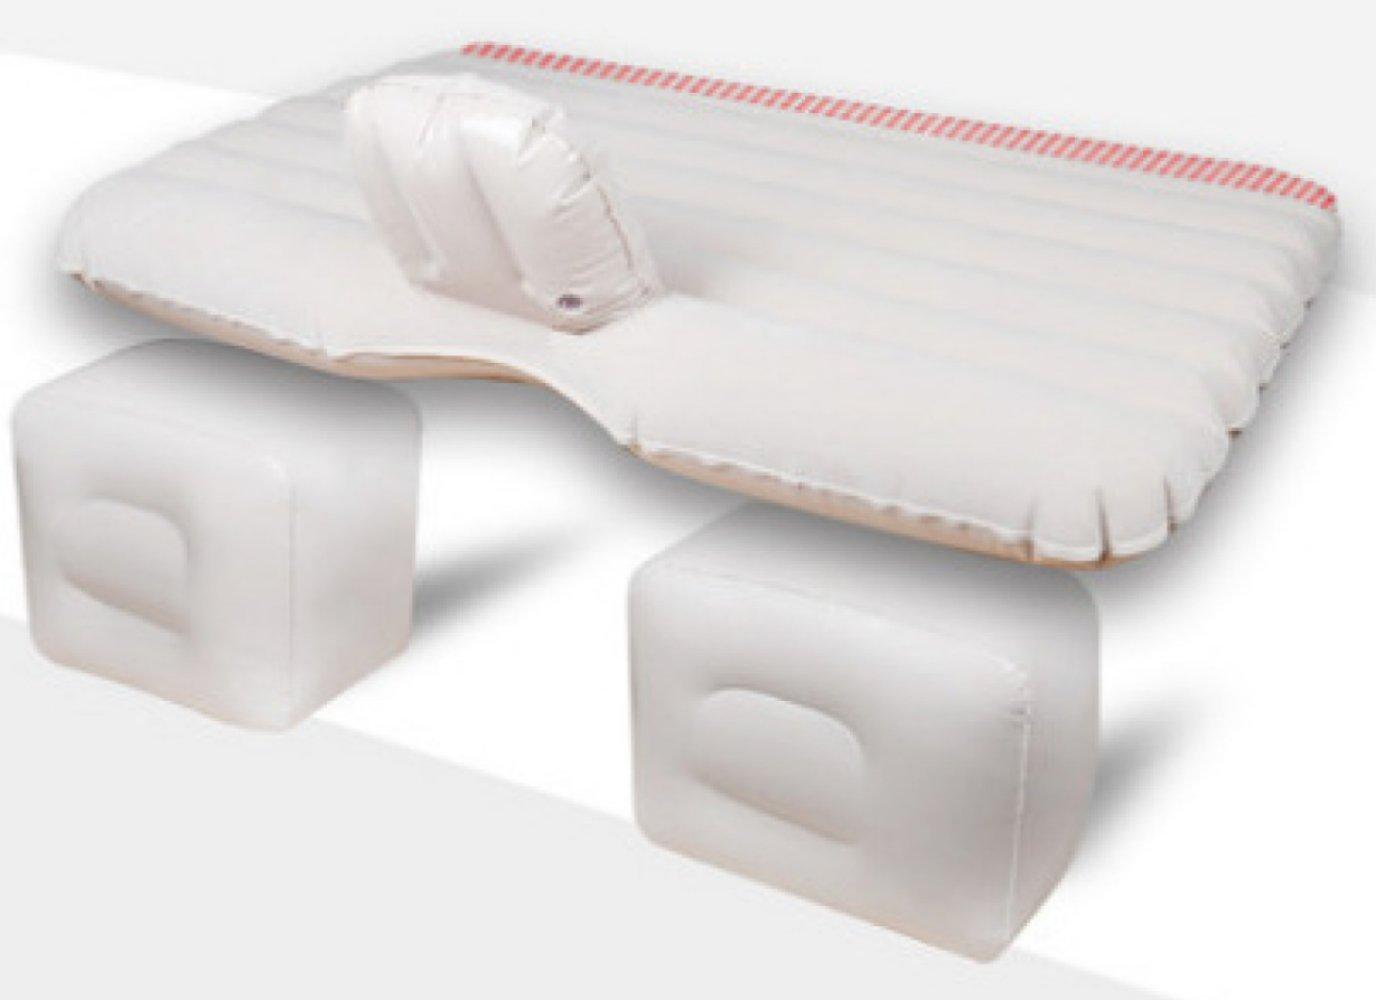 ERHANG Luftmatratzen Luftbetten Betten Luftmatratzen Aufblasbares Bett Auto-Reise-Bett-Erwachsene Schlafen-Auflage Im Freien,Weiß